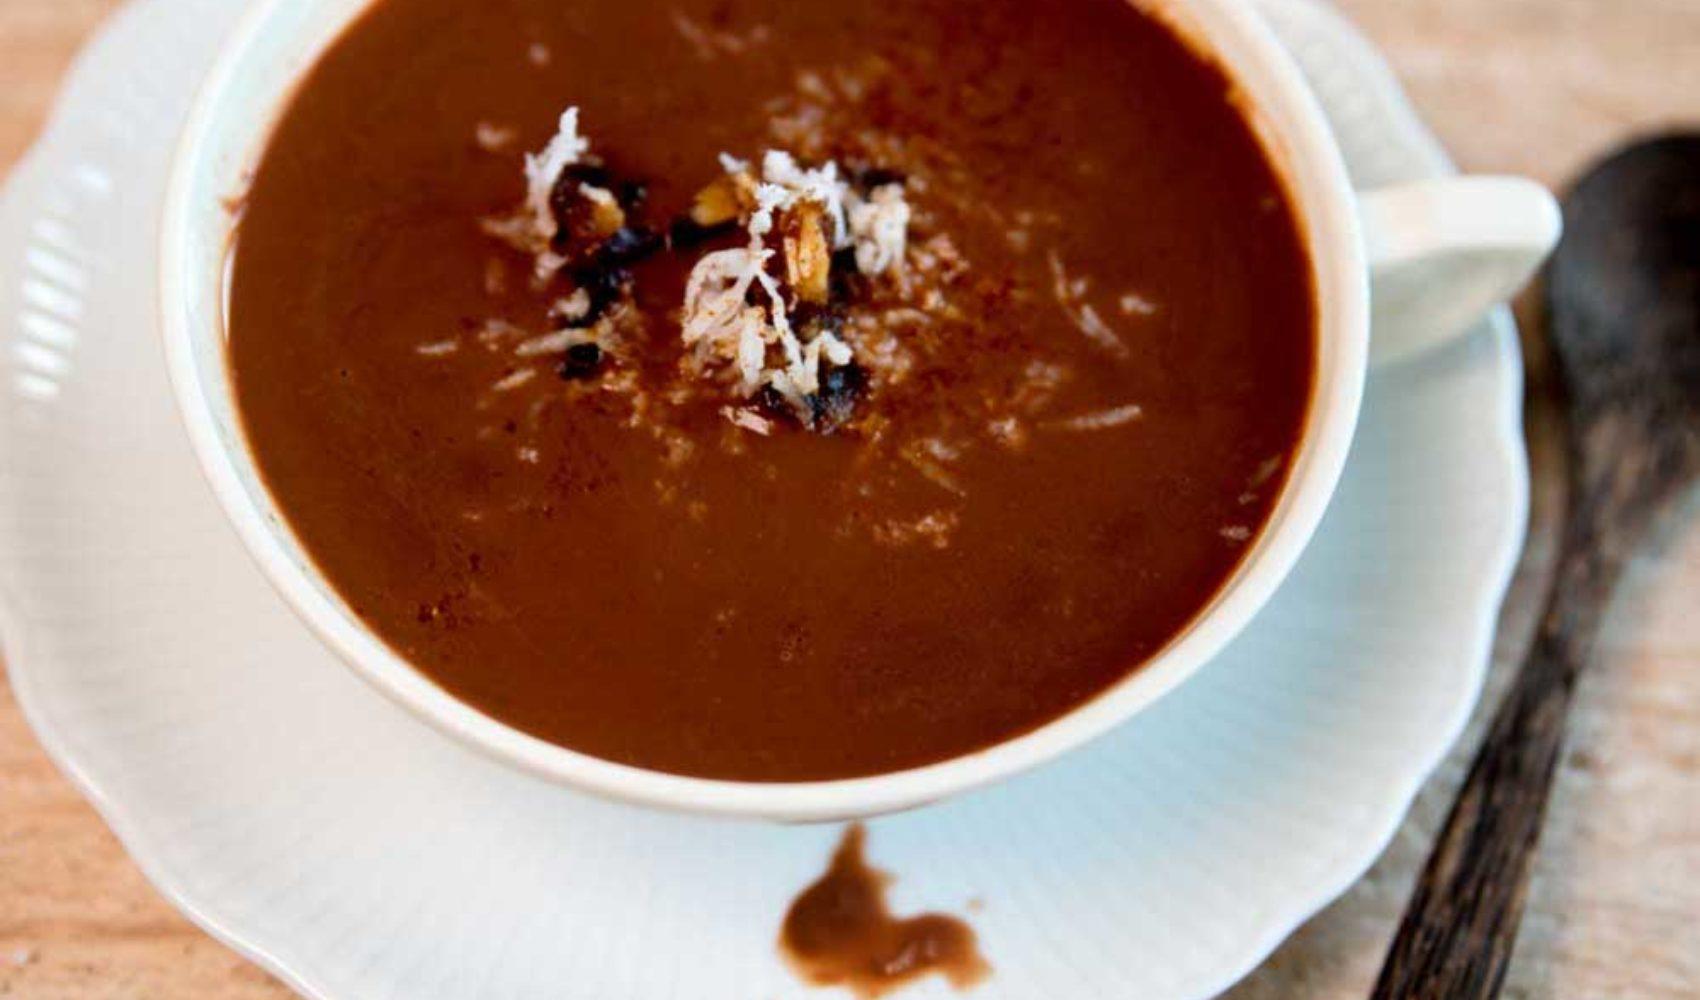 Heißer Kakao für kalte Tage. Mit Dattelsüße und Mandelmilch!